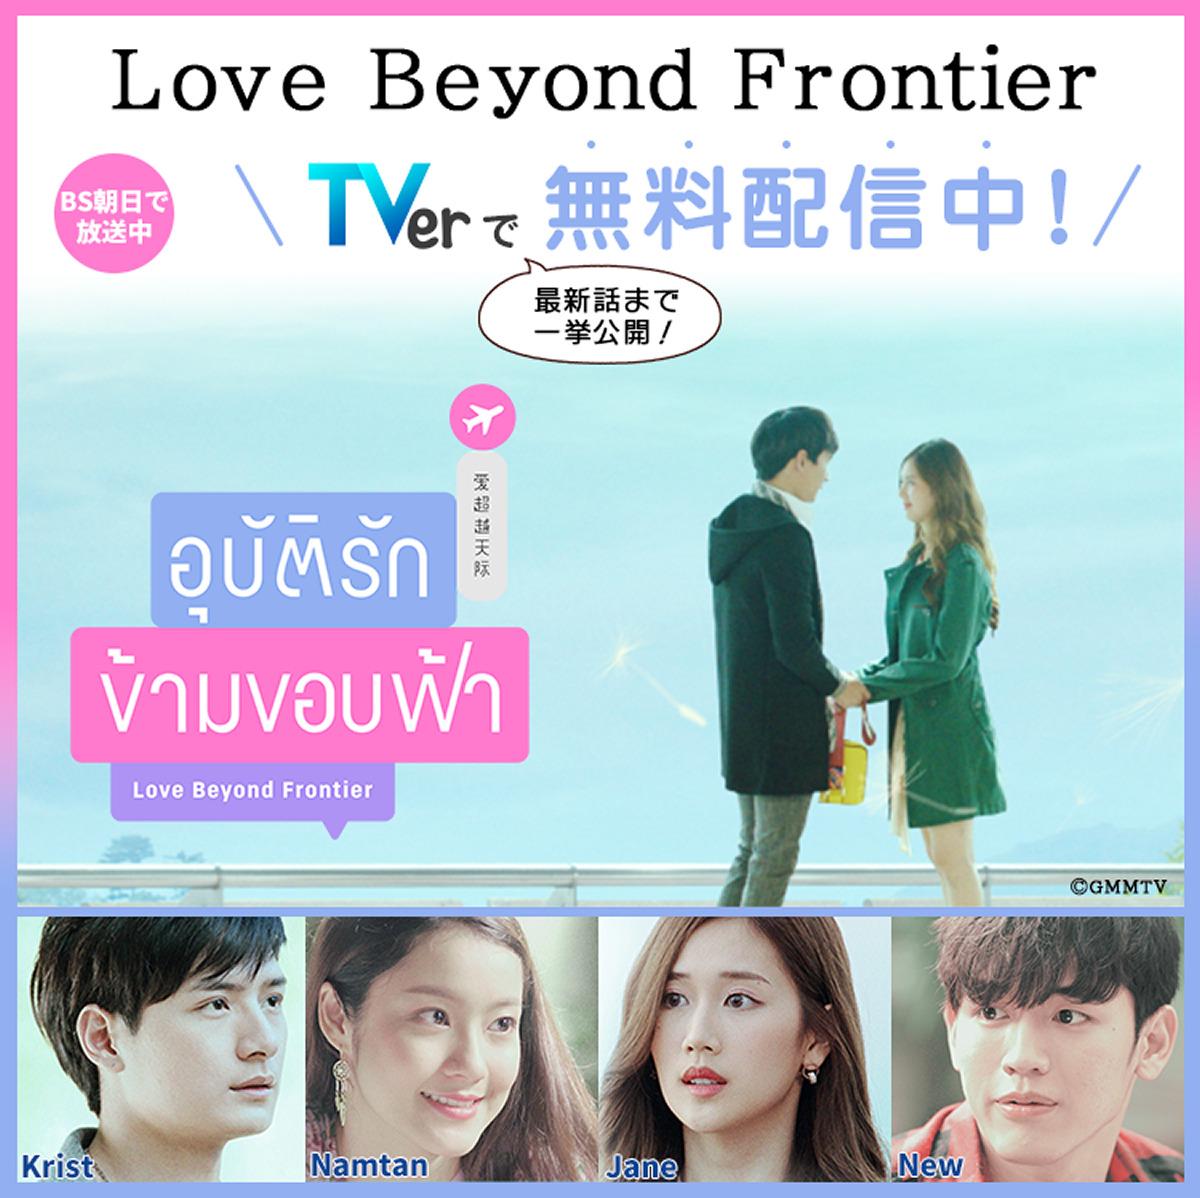 タイドラマ「Love Beyond Frontier」がTVerで全話一挙配信